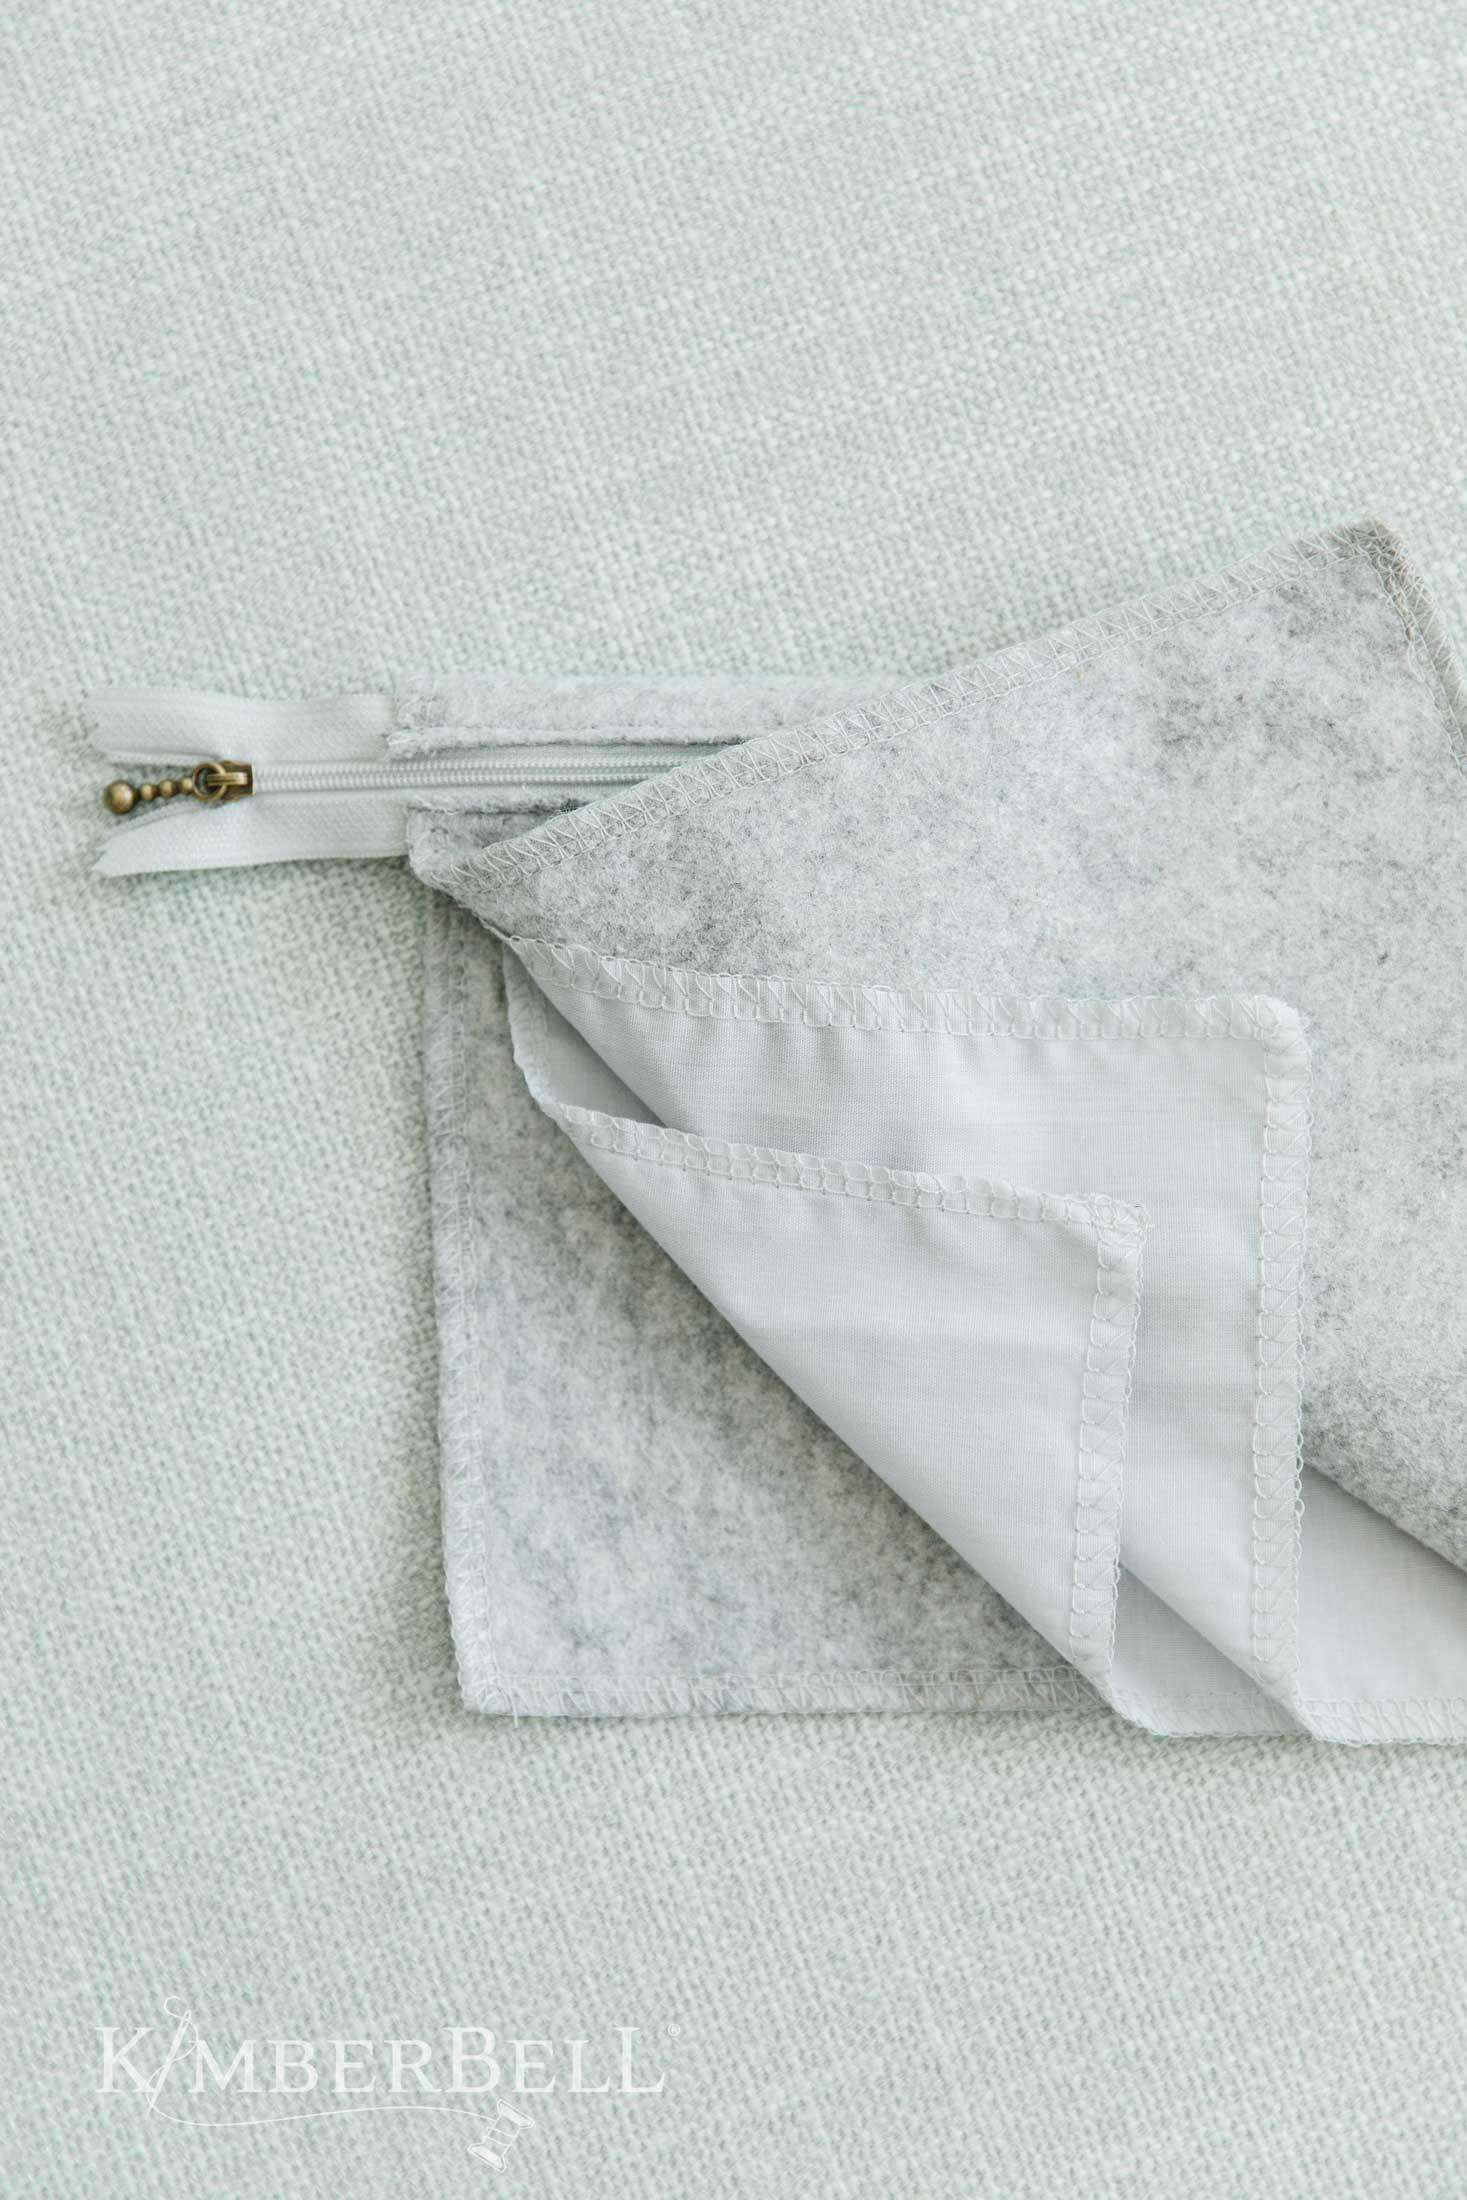 Zipper-Pouch-Blank-5-1.jpg